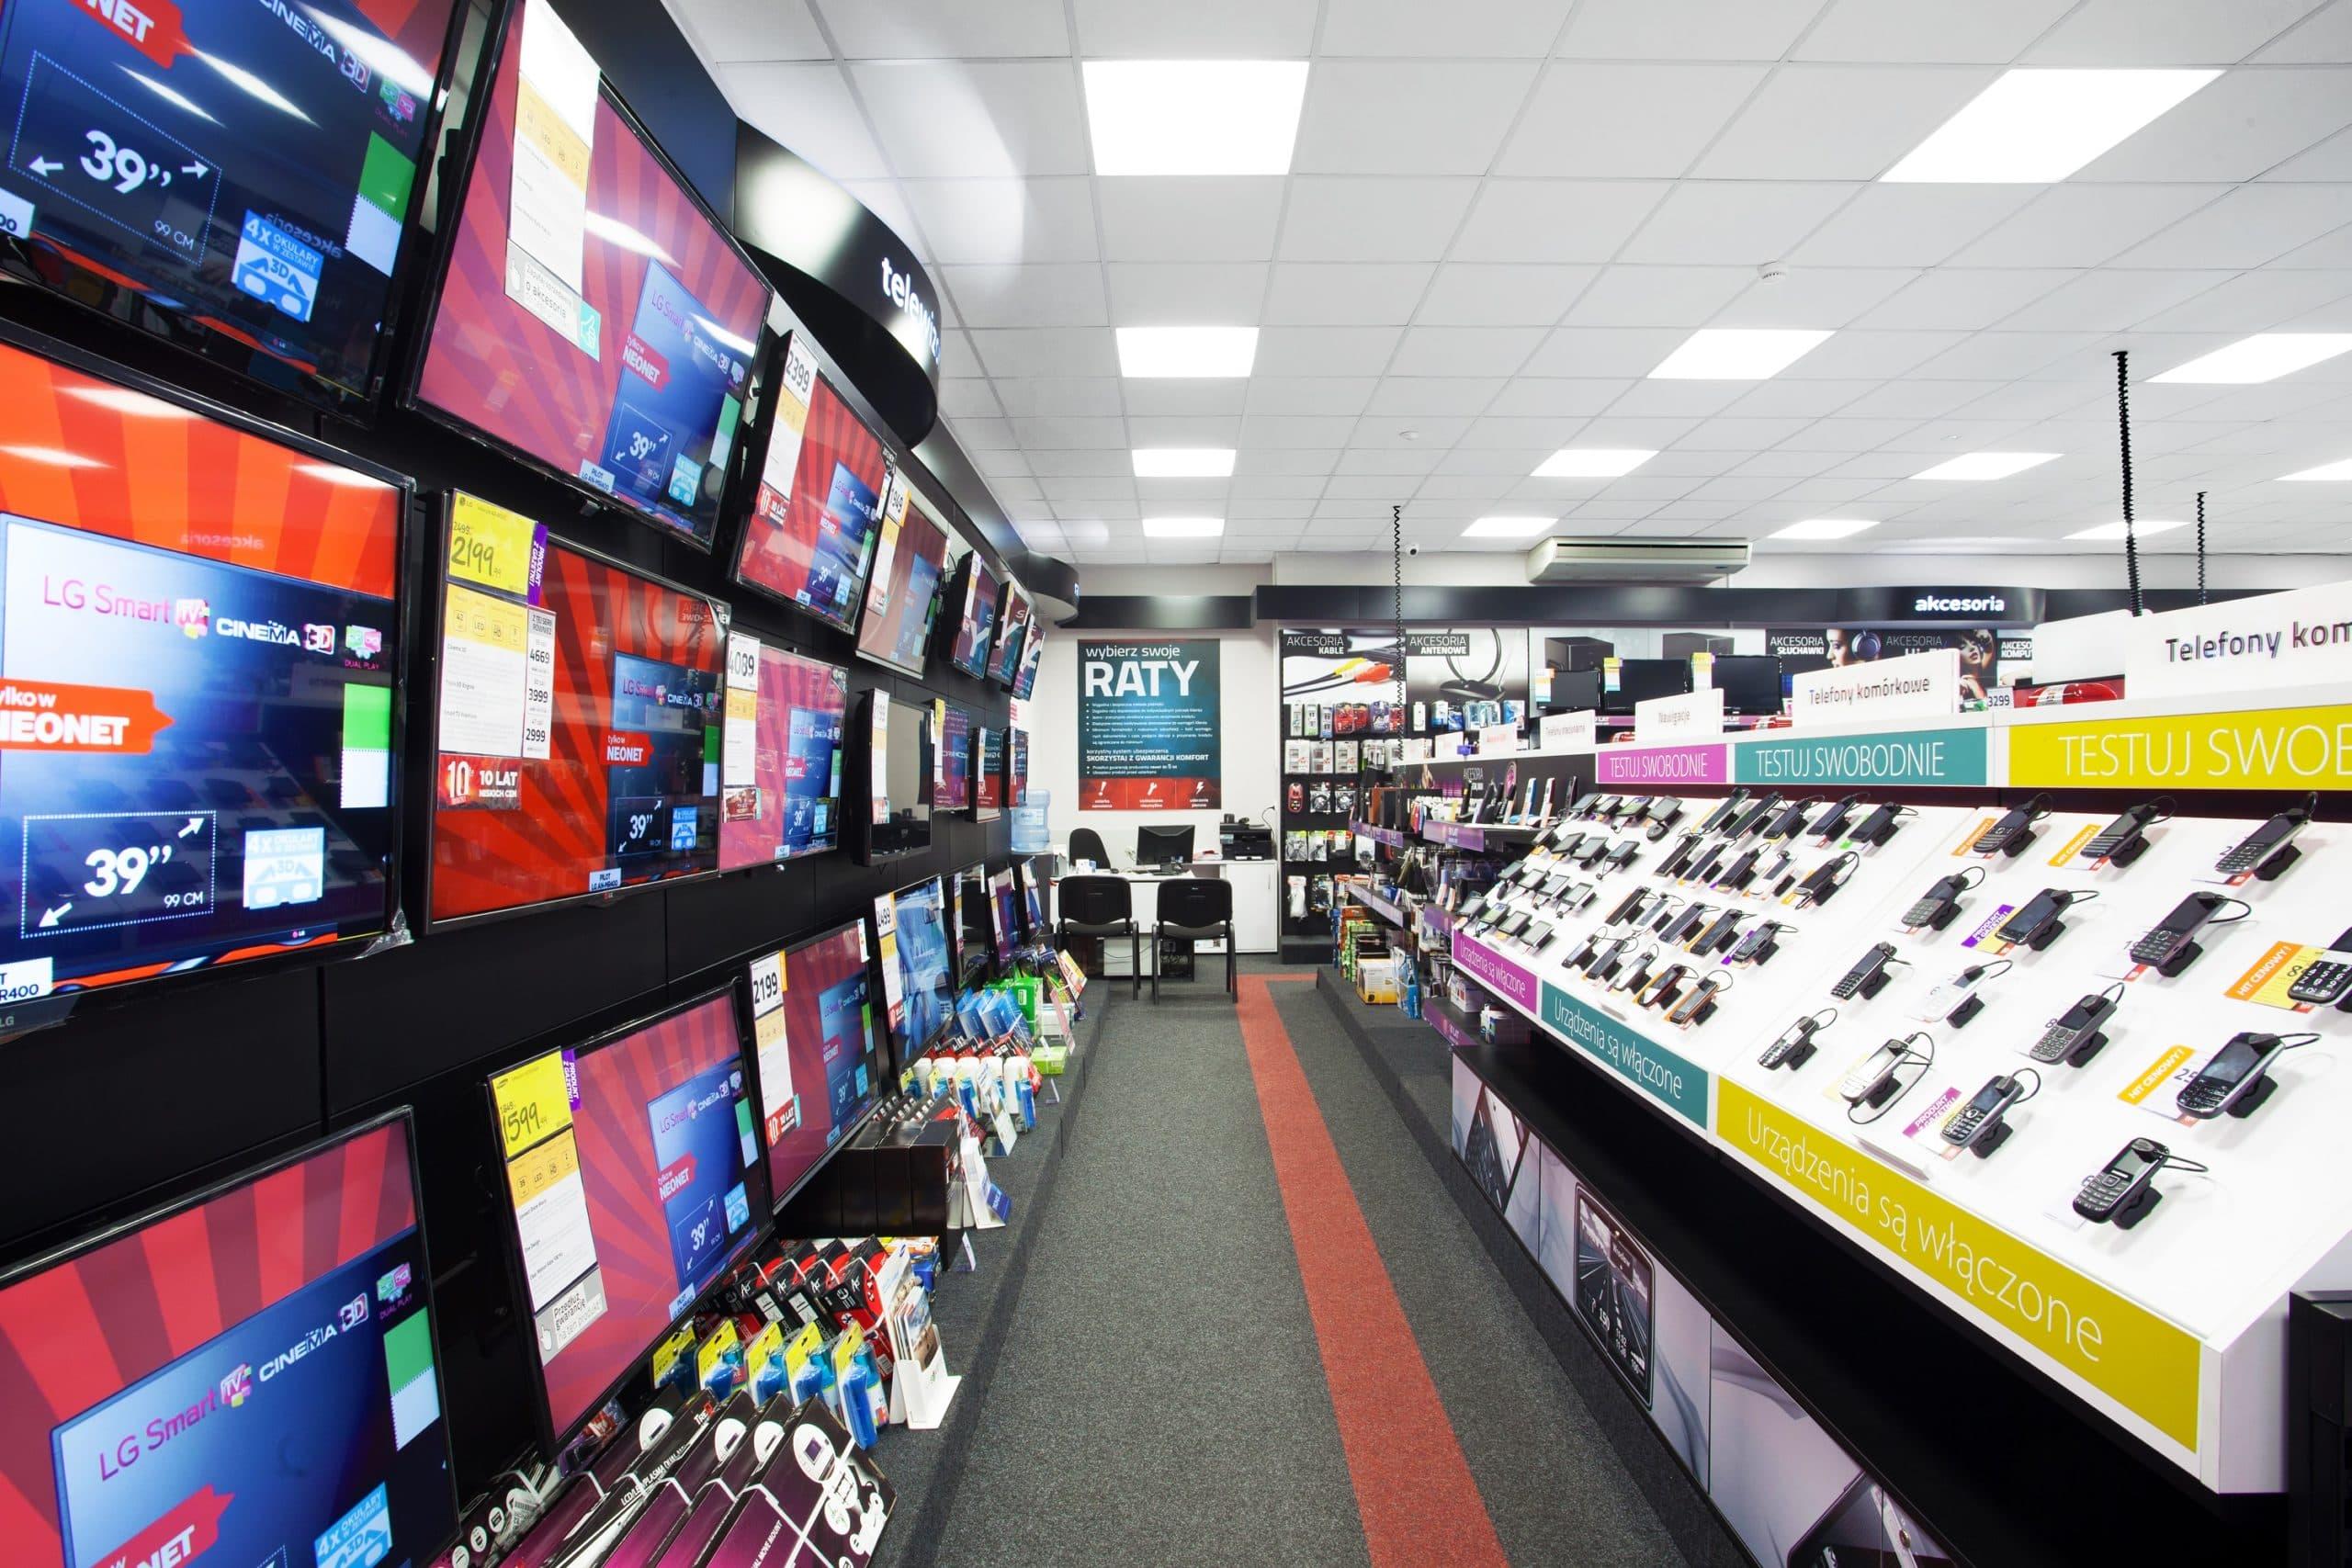 Oprawa biurowa Edge w sklepie Neonet - oświetlenie handlowe - Luxon LED